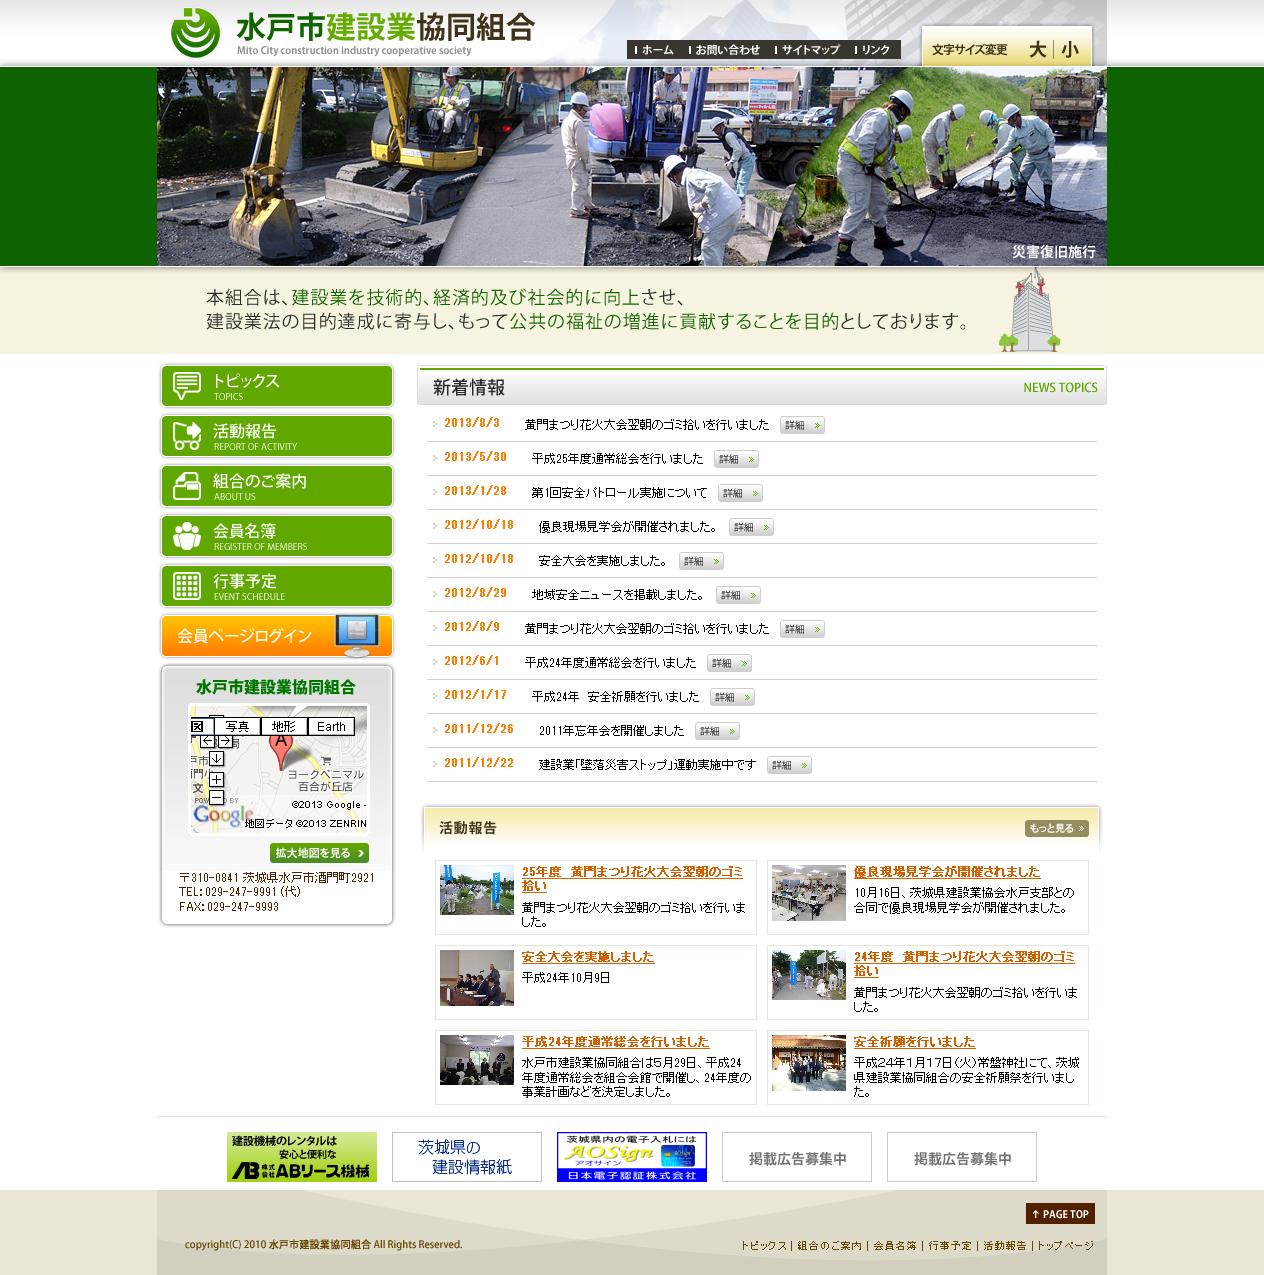 水戸市建設業協同組合様の実績イメージ